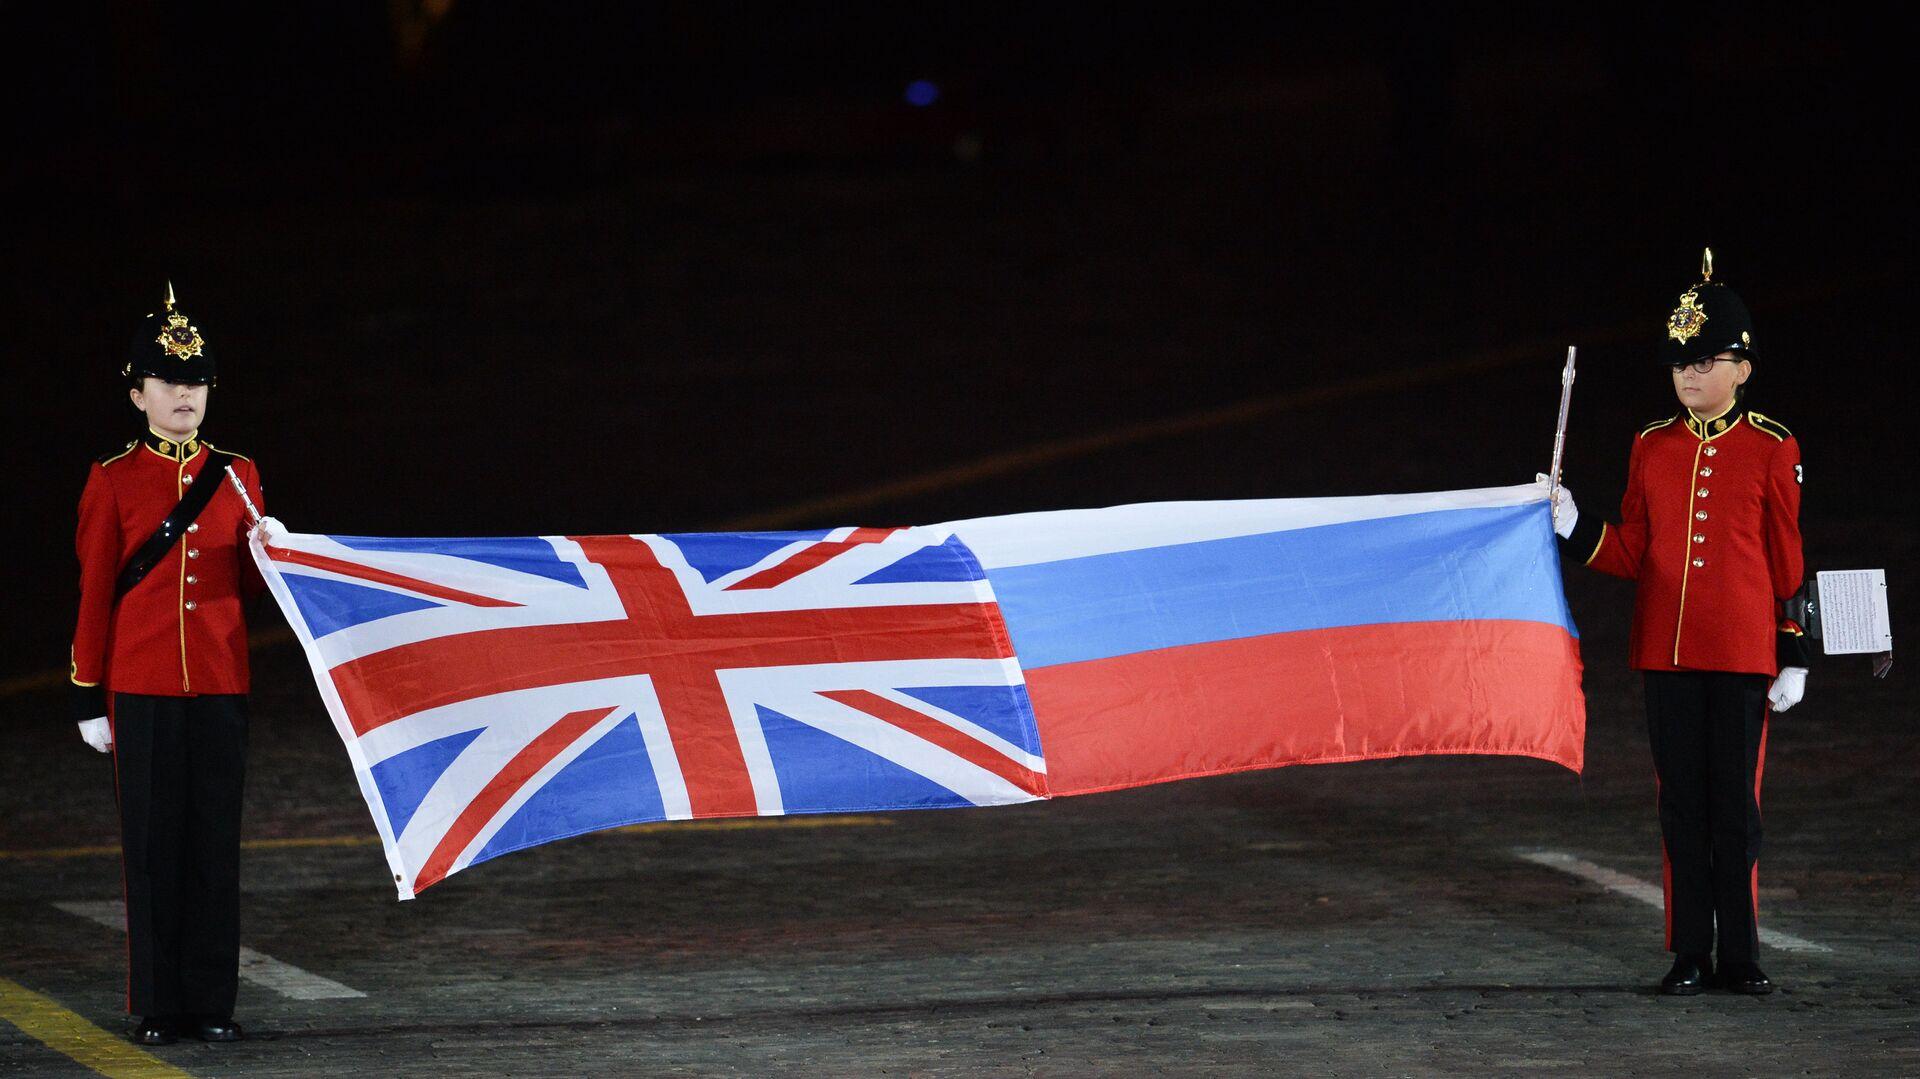 Las banderas de Reino Unido y Rusia - Sputnik Mundo, 1920, 13.06.2021